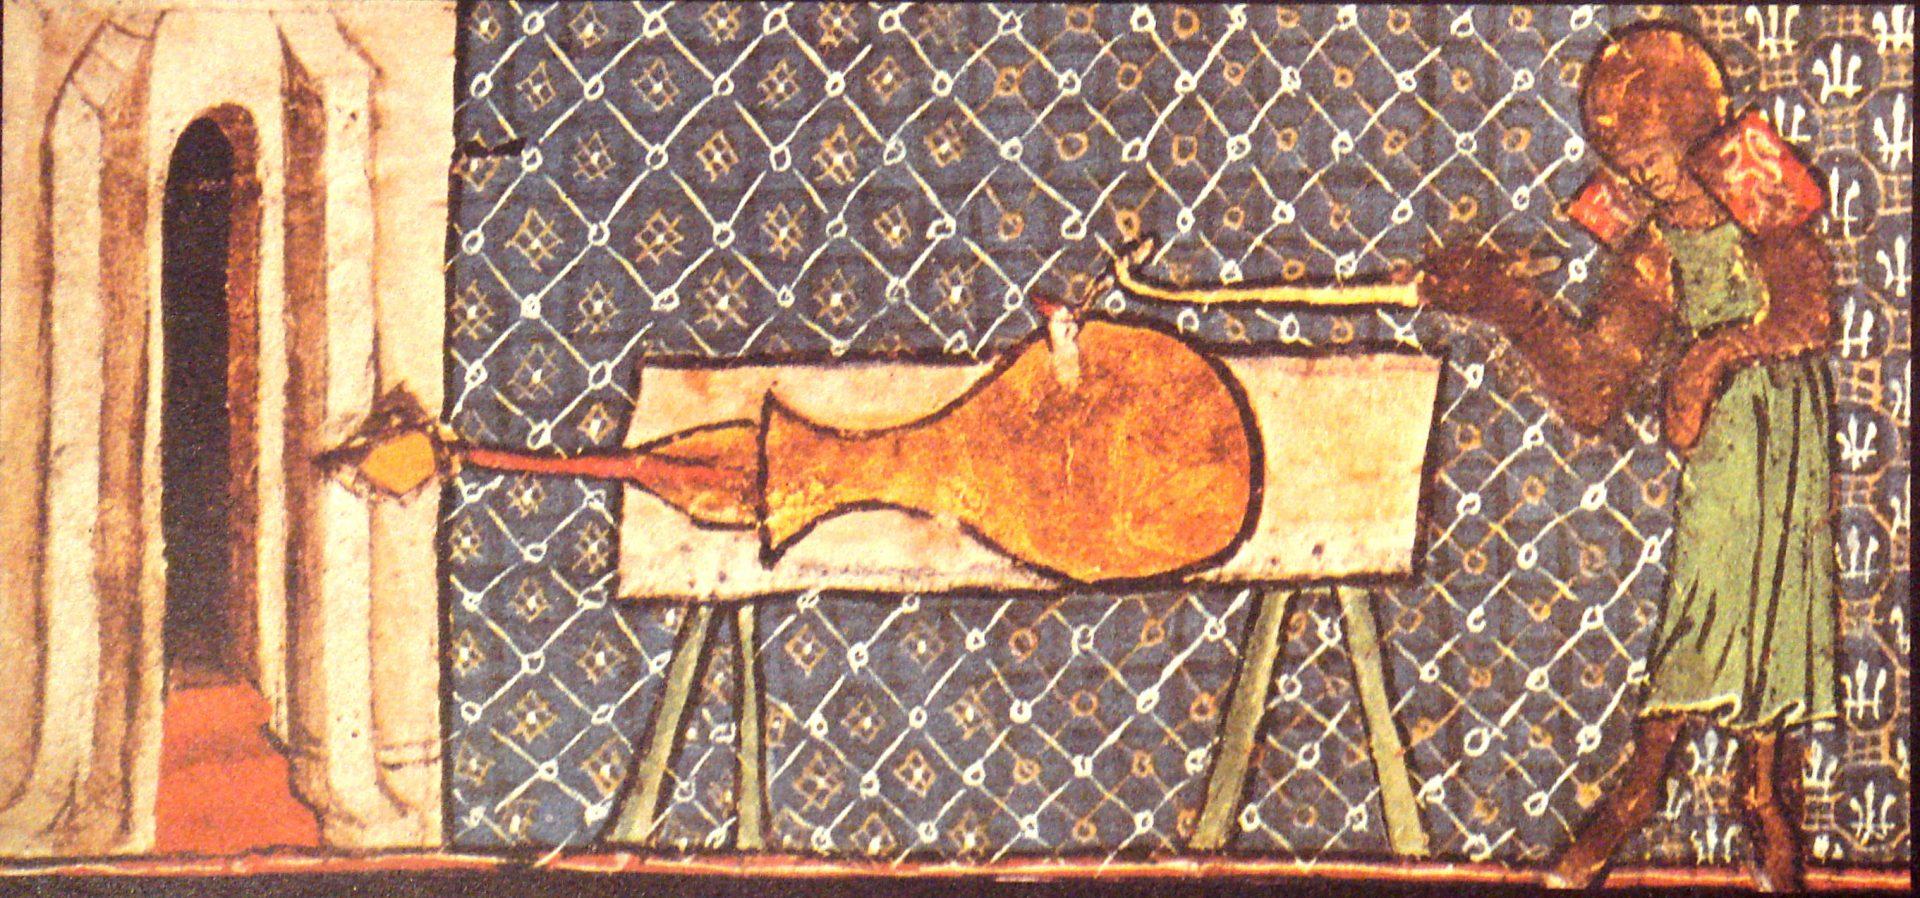 Teckning som föreställer en man som fyrar av en kanon. Kanonen är formad ungefär som en fiol.